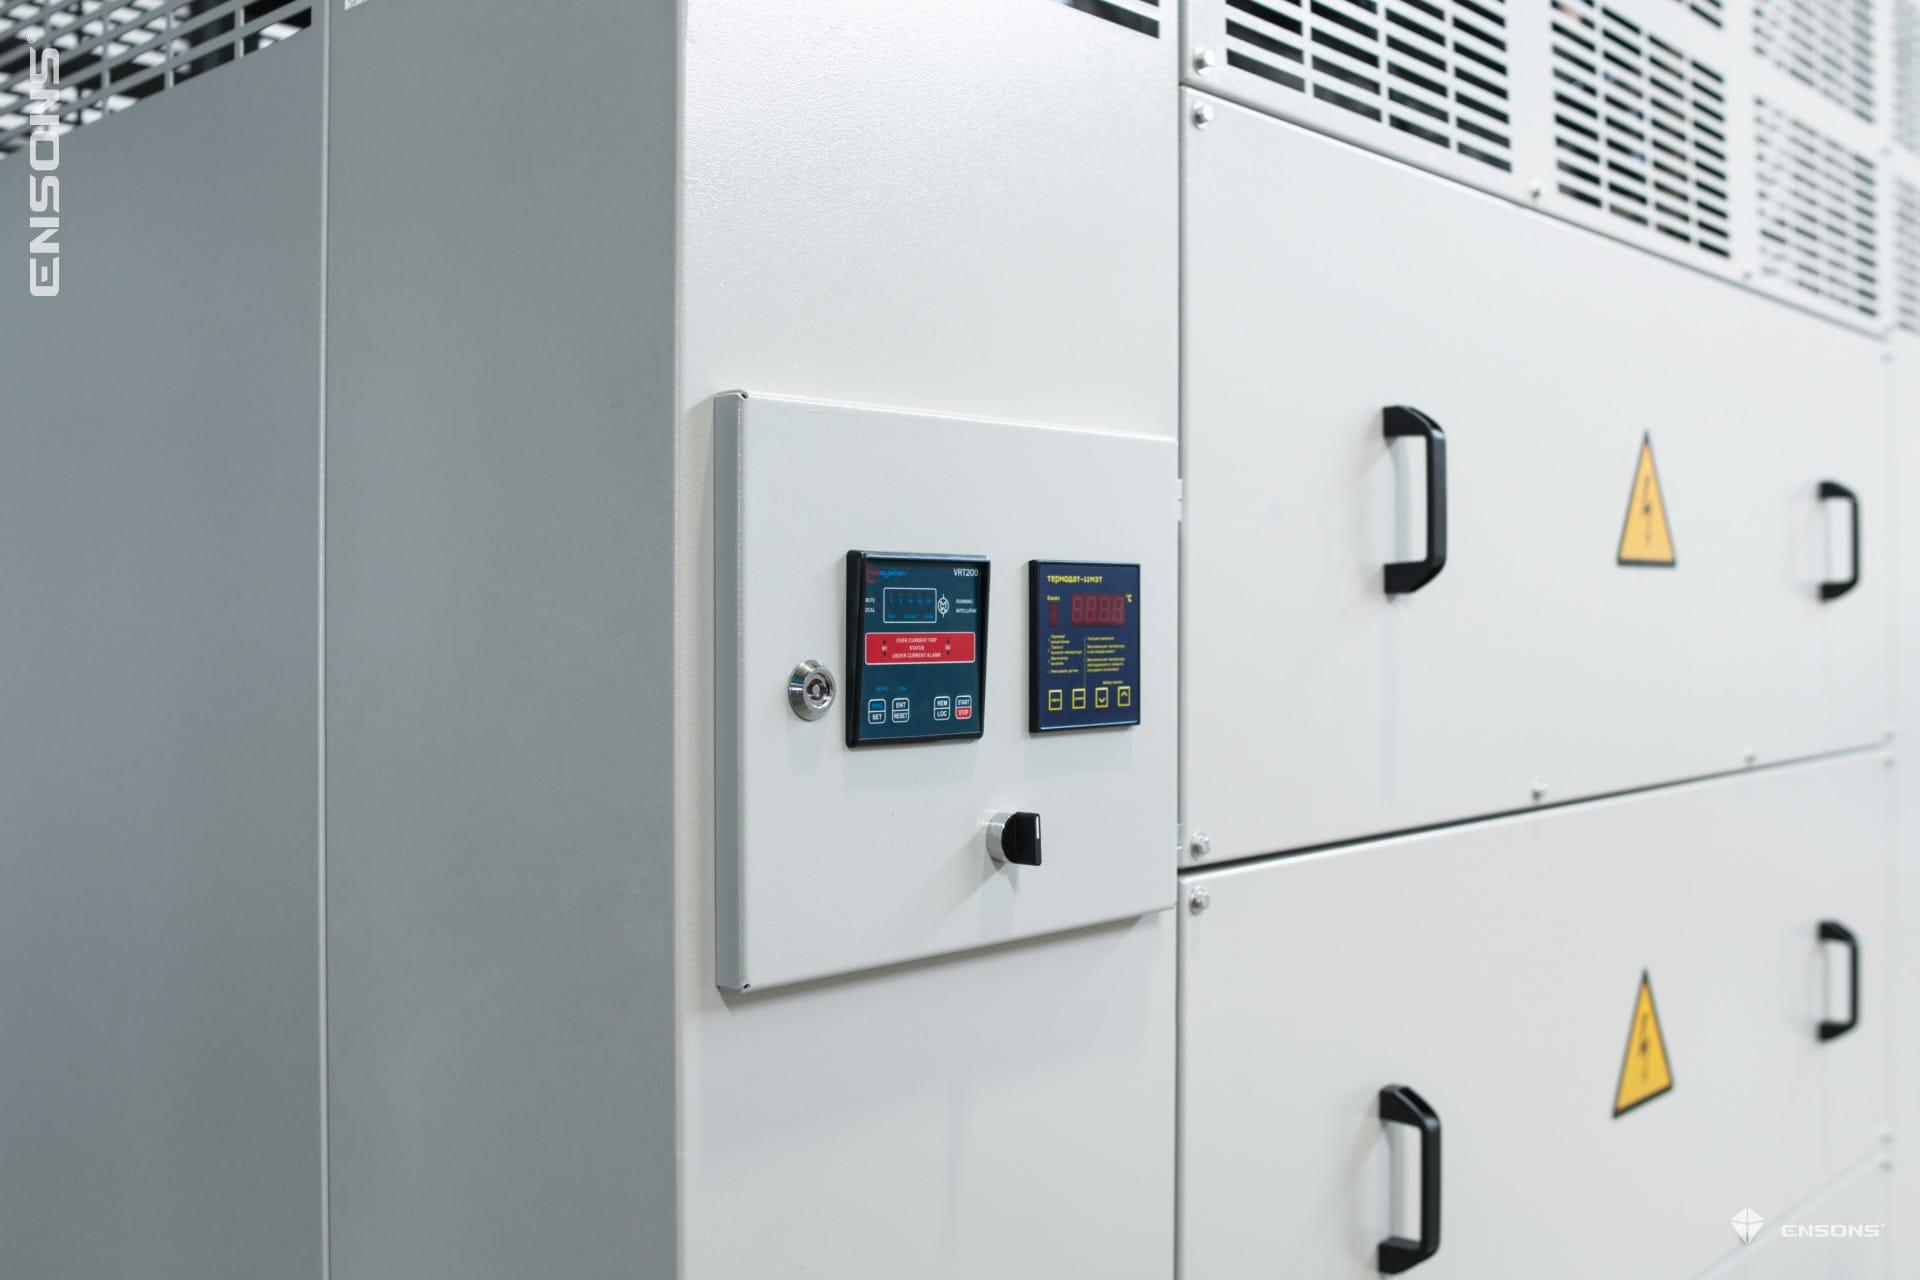 Ensons - Цифровое реле и датчик контроля температуры ТСЗ 6(10)